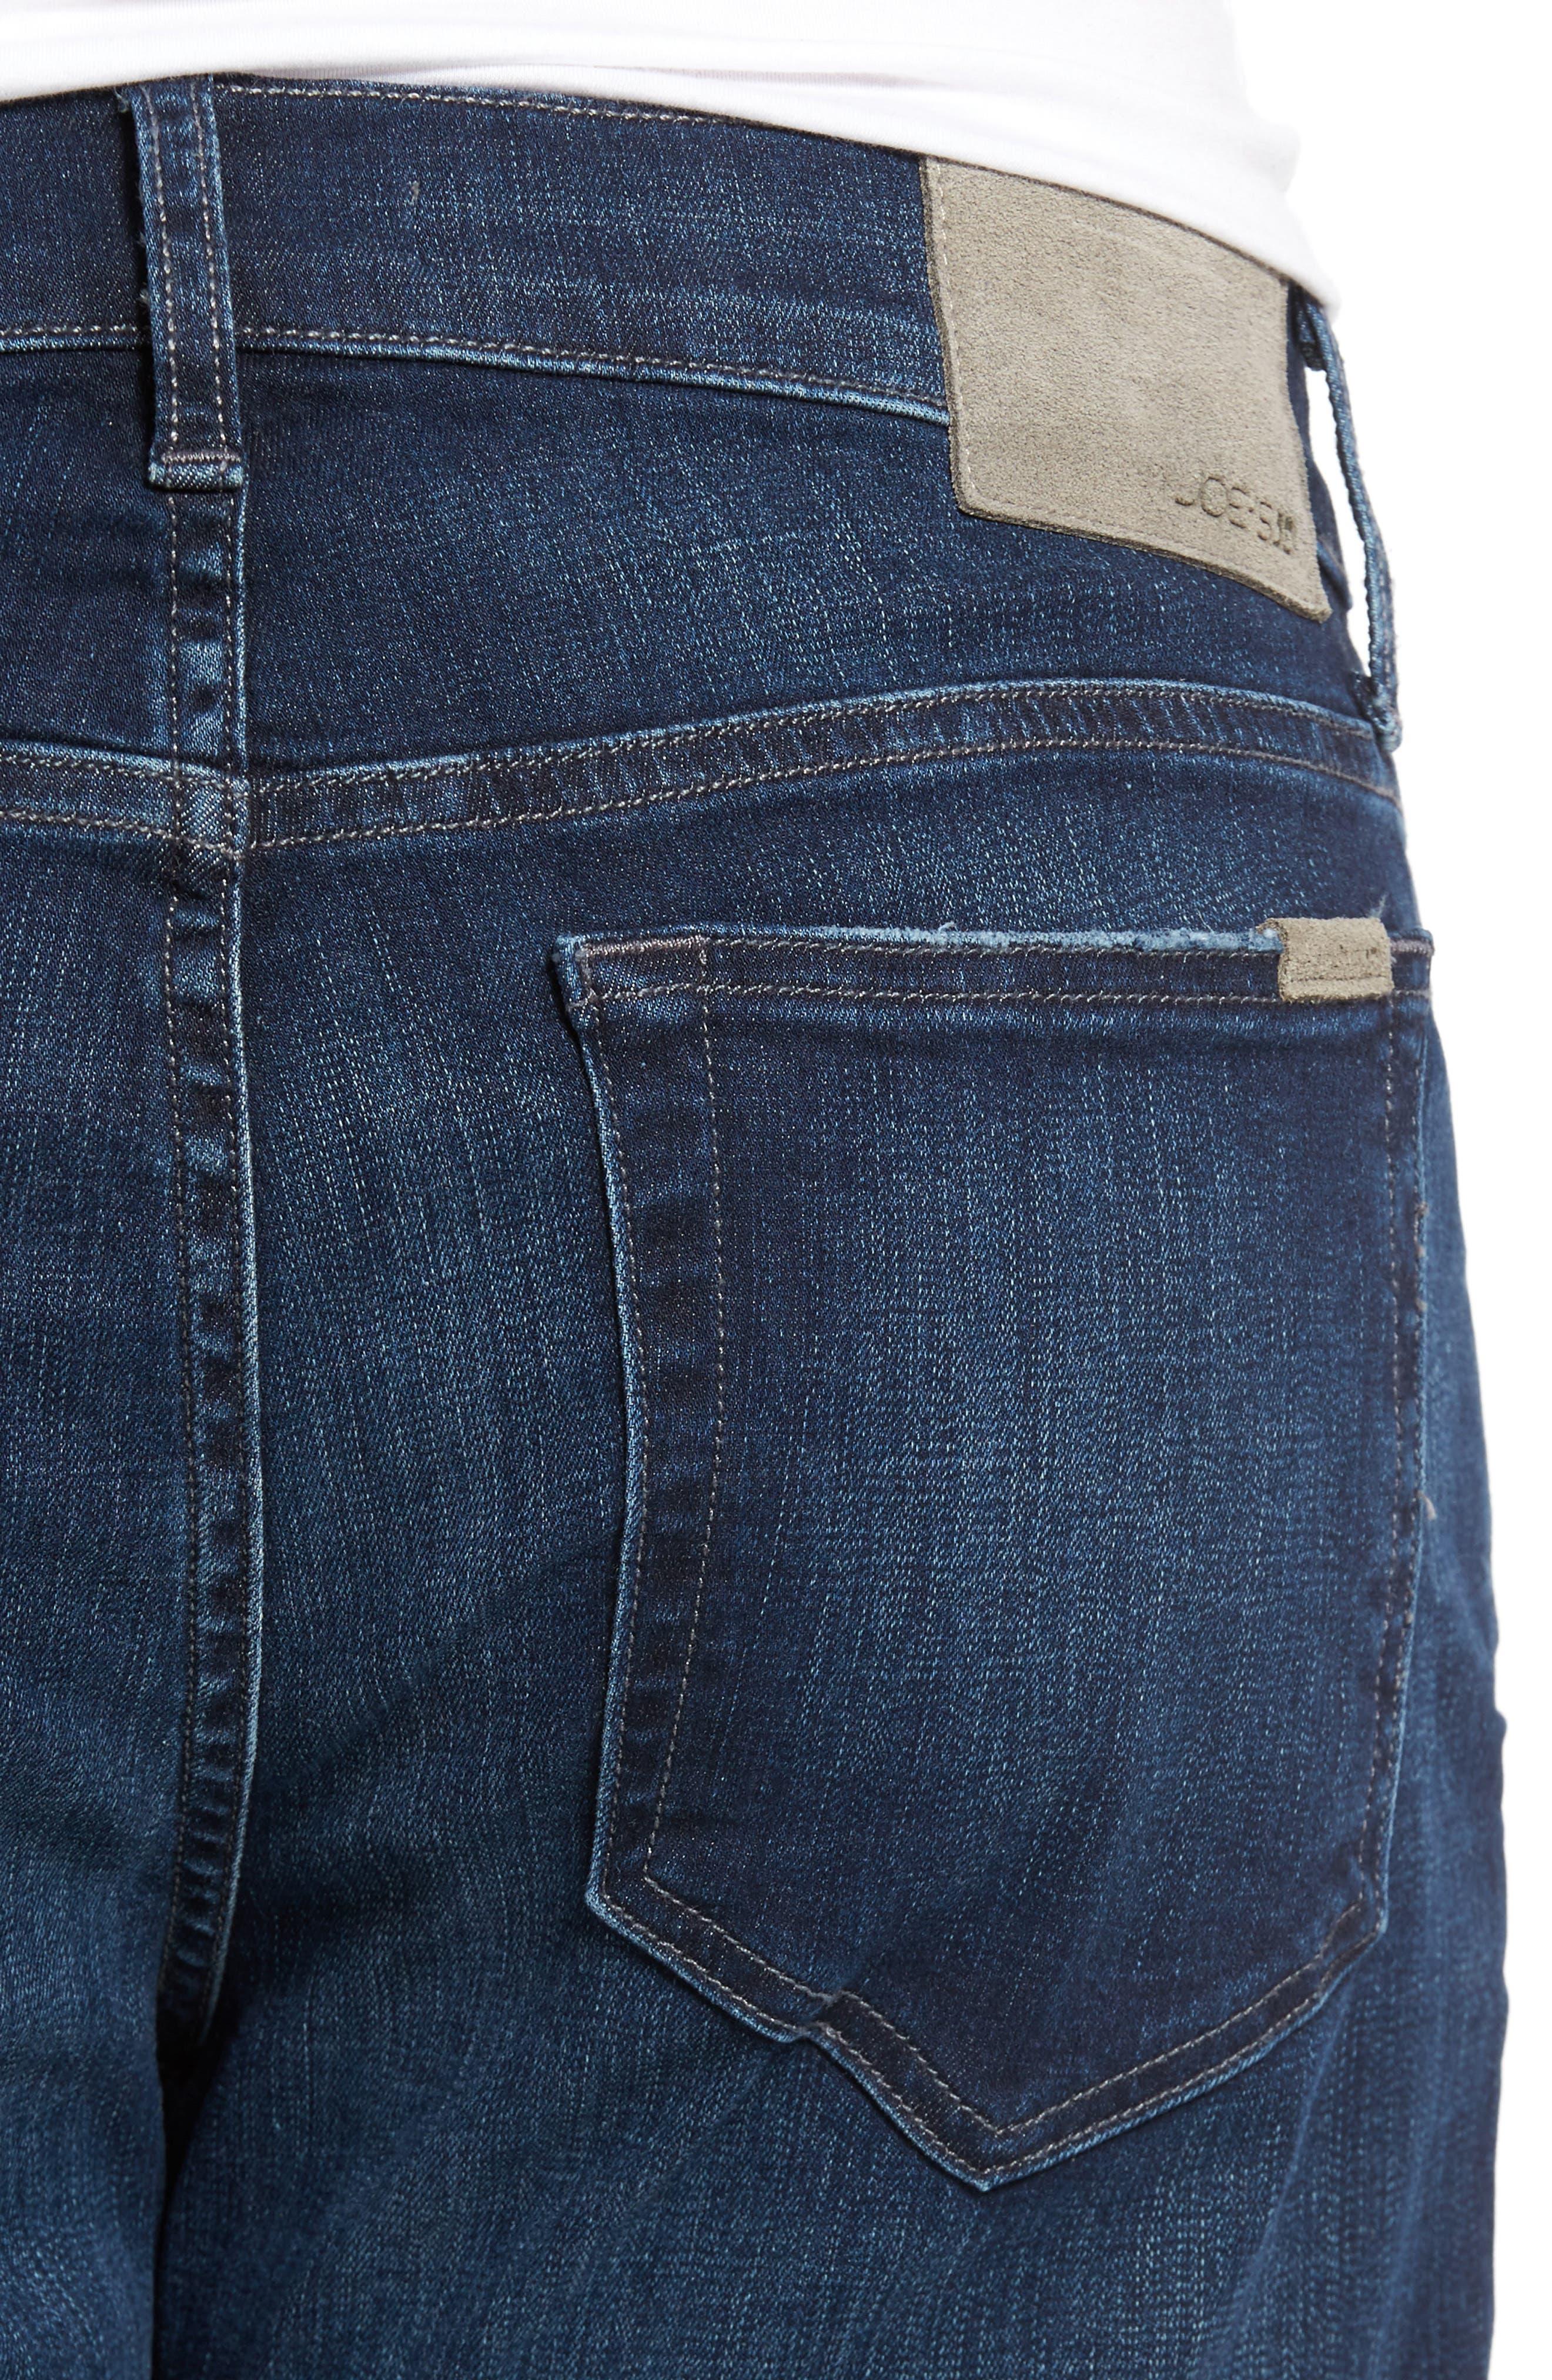 Brixton Kinetic Slim Straight Leg Jeans,                             Alternate thumbnail 4, color,